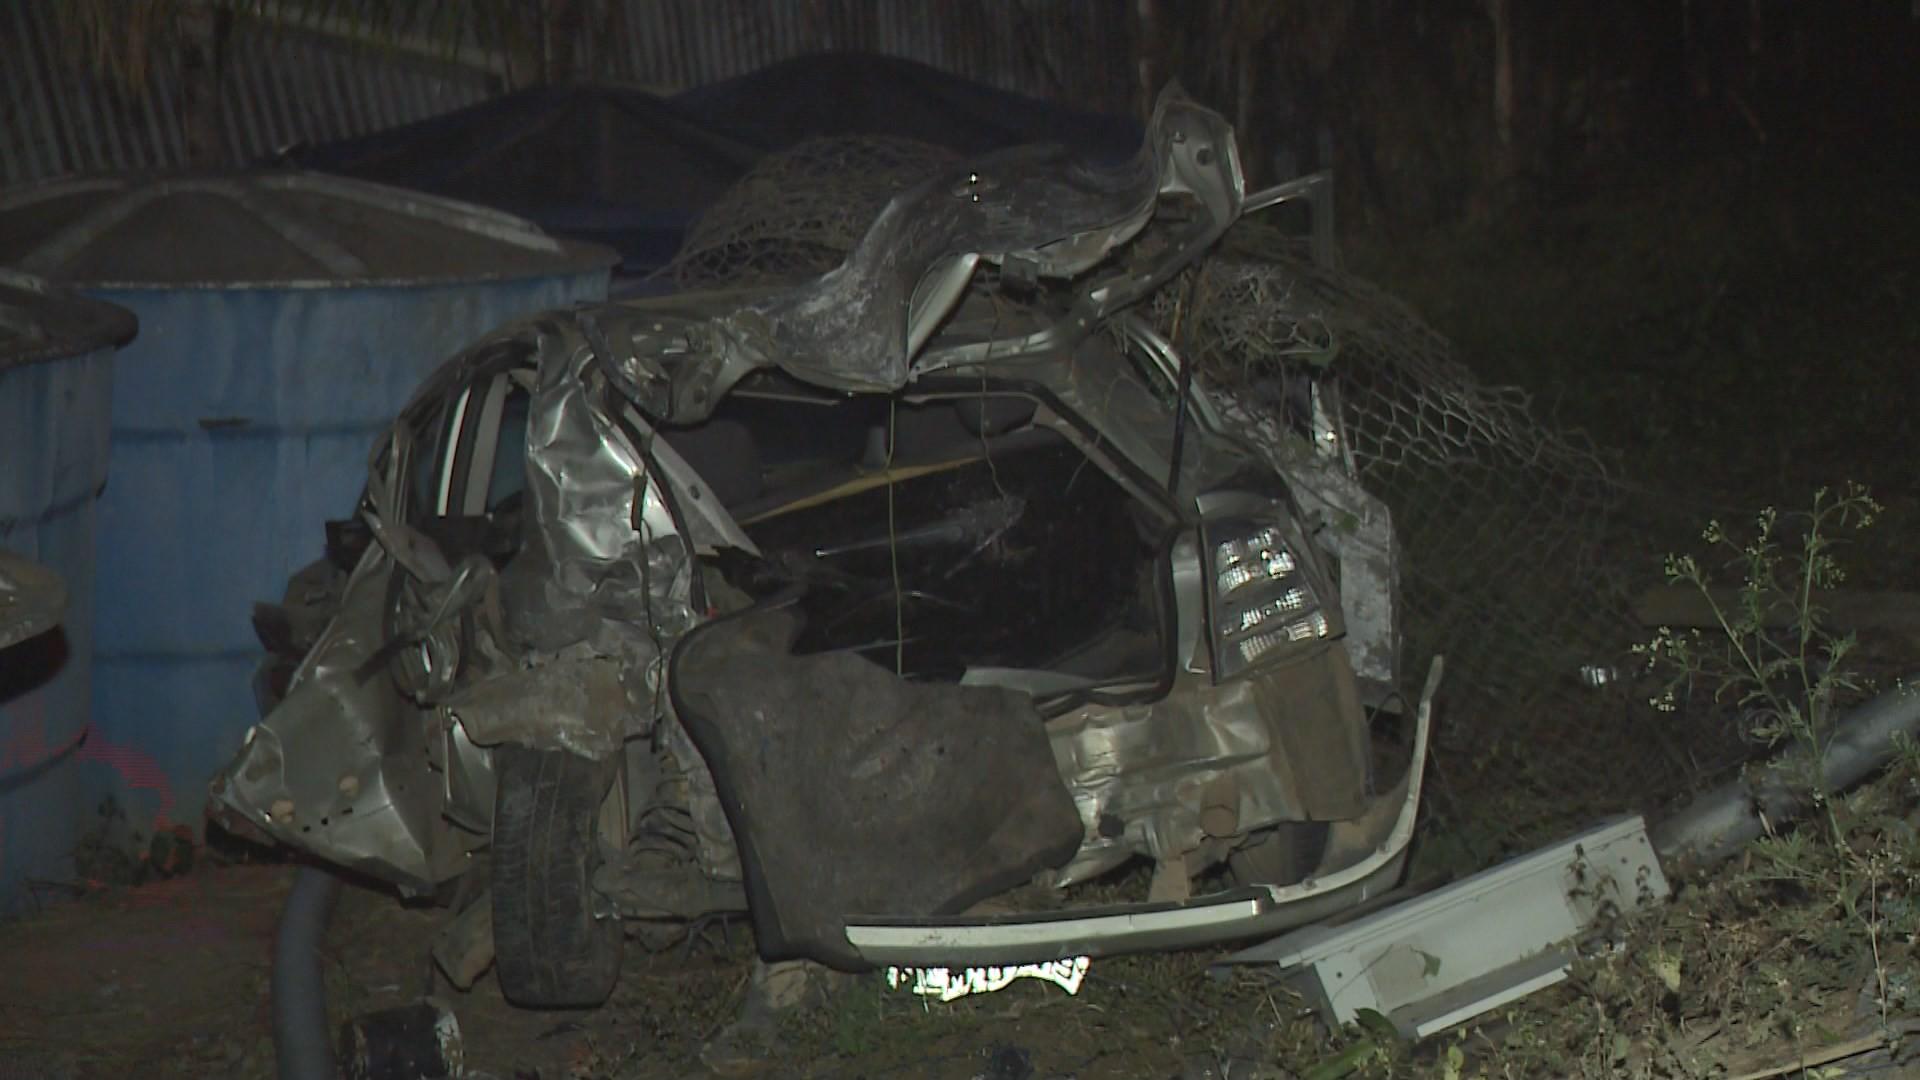 Motorista de caminhão morre em acidente em Cachoeiro de Itapemirim, ES